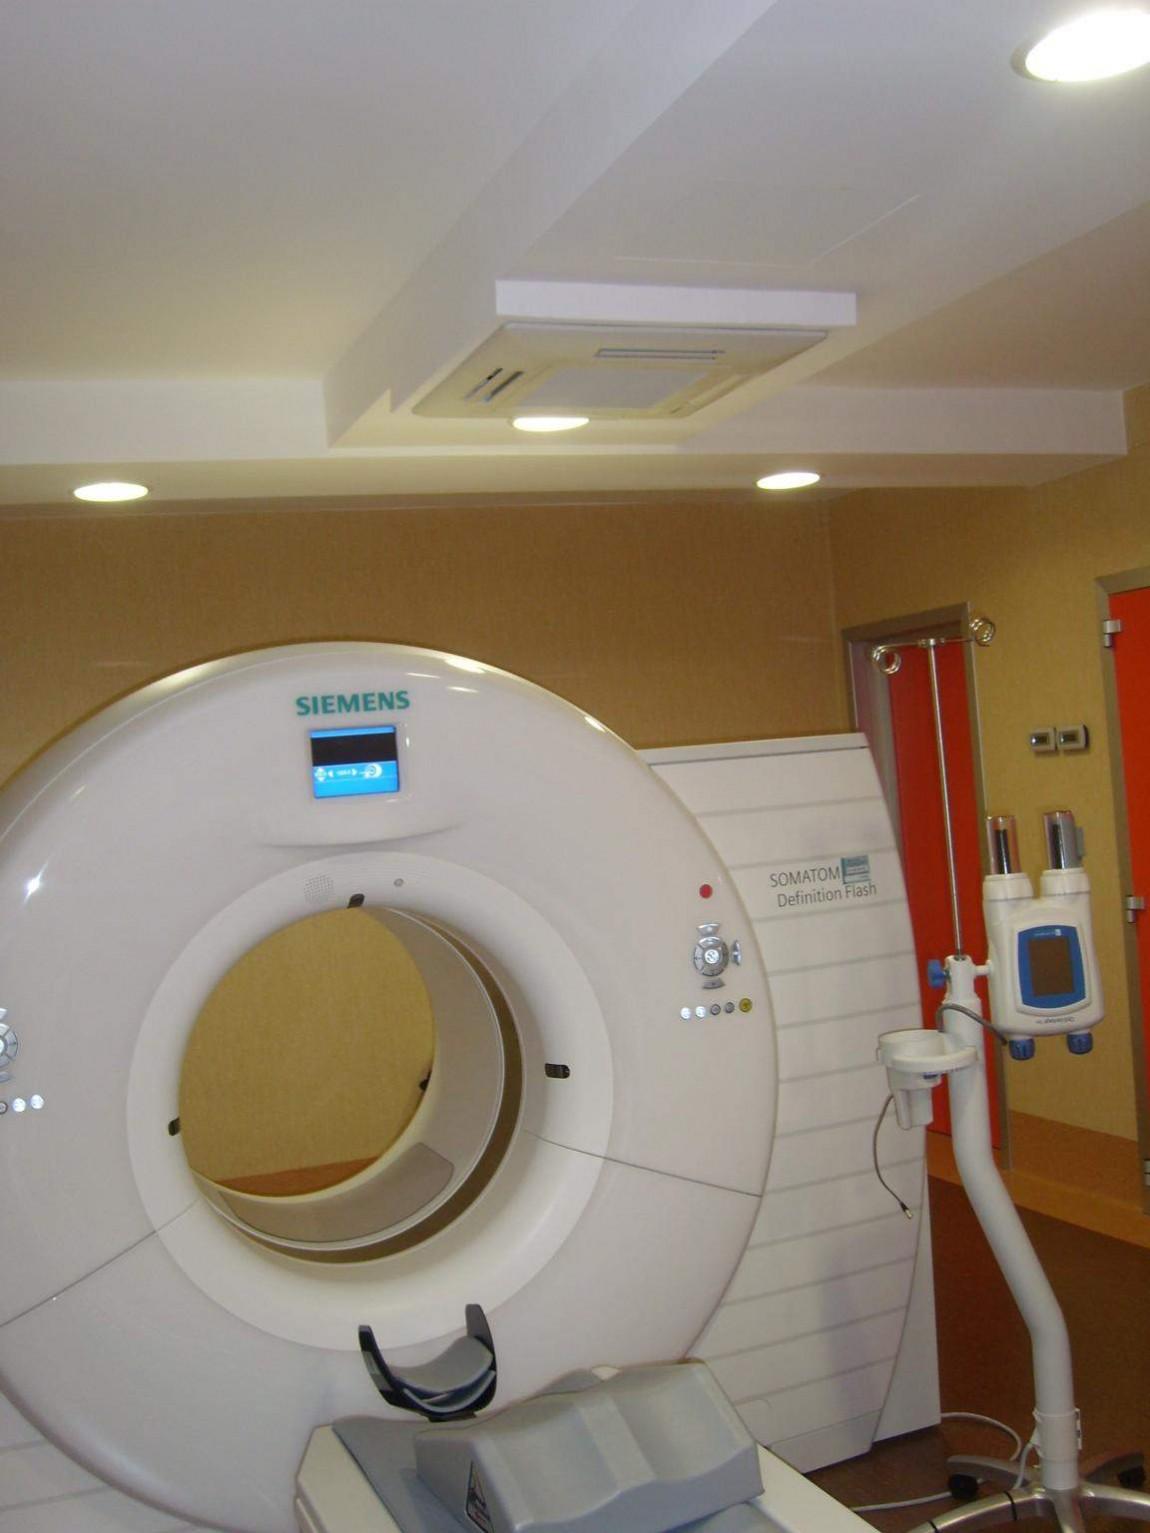 Impianto istituto medico